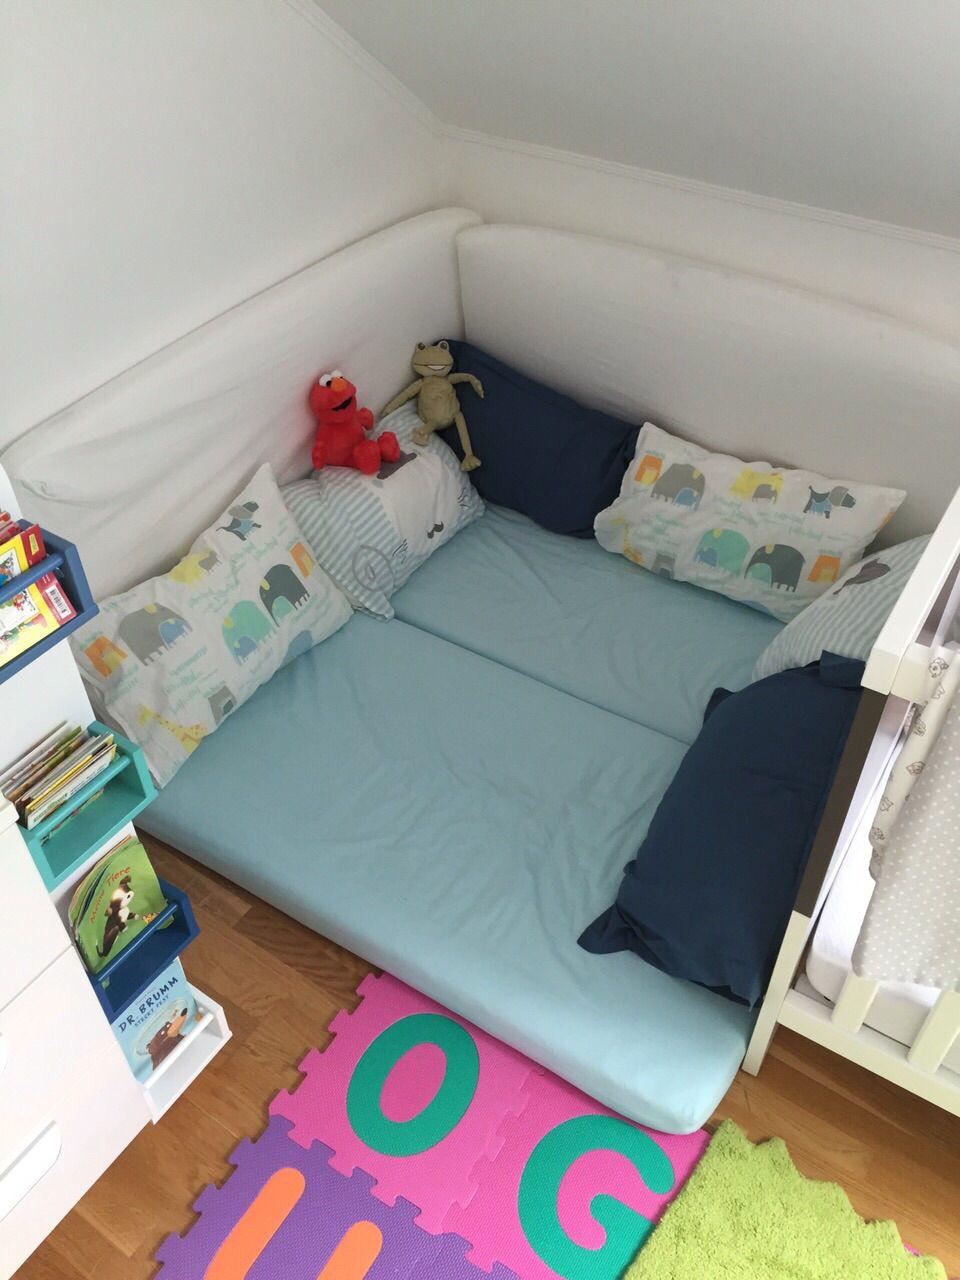 Playroom Kids Reading Corner In The Bedroom Kinderzimmer Leseecke Kinder Spielzimmer Kinder Zimmer Leseecke Kinder